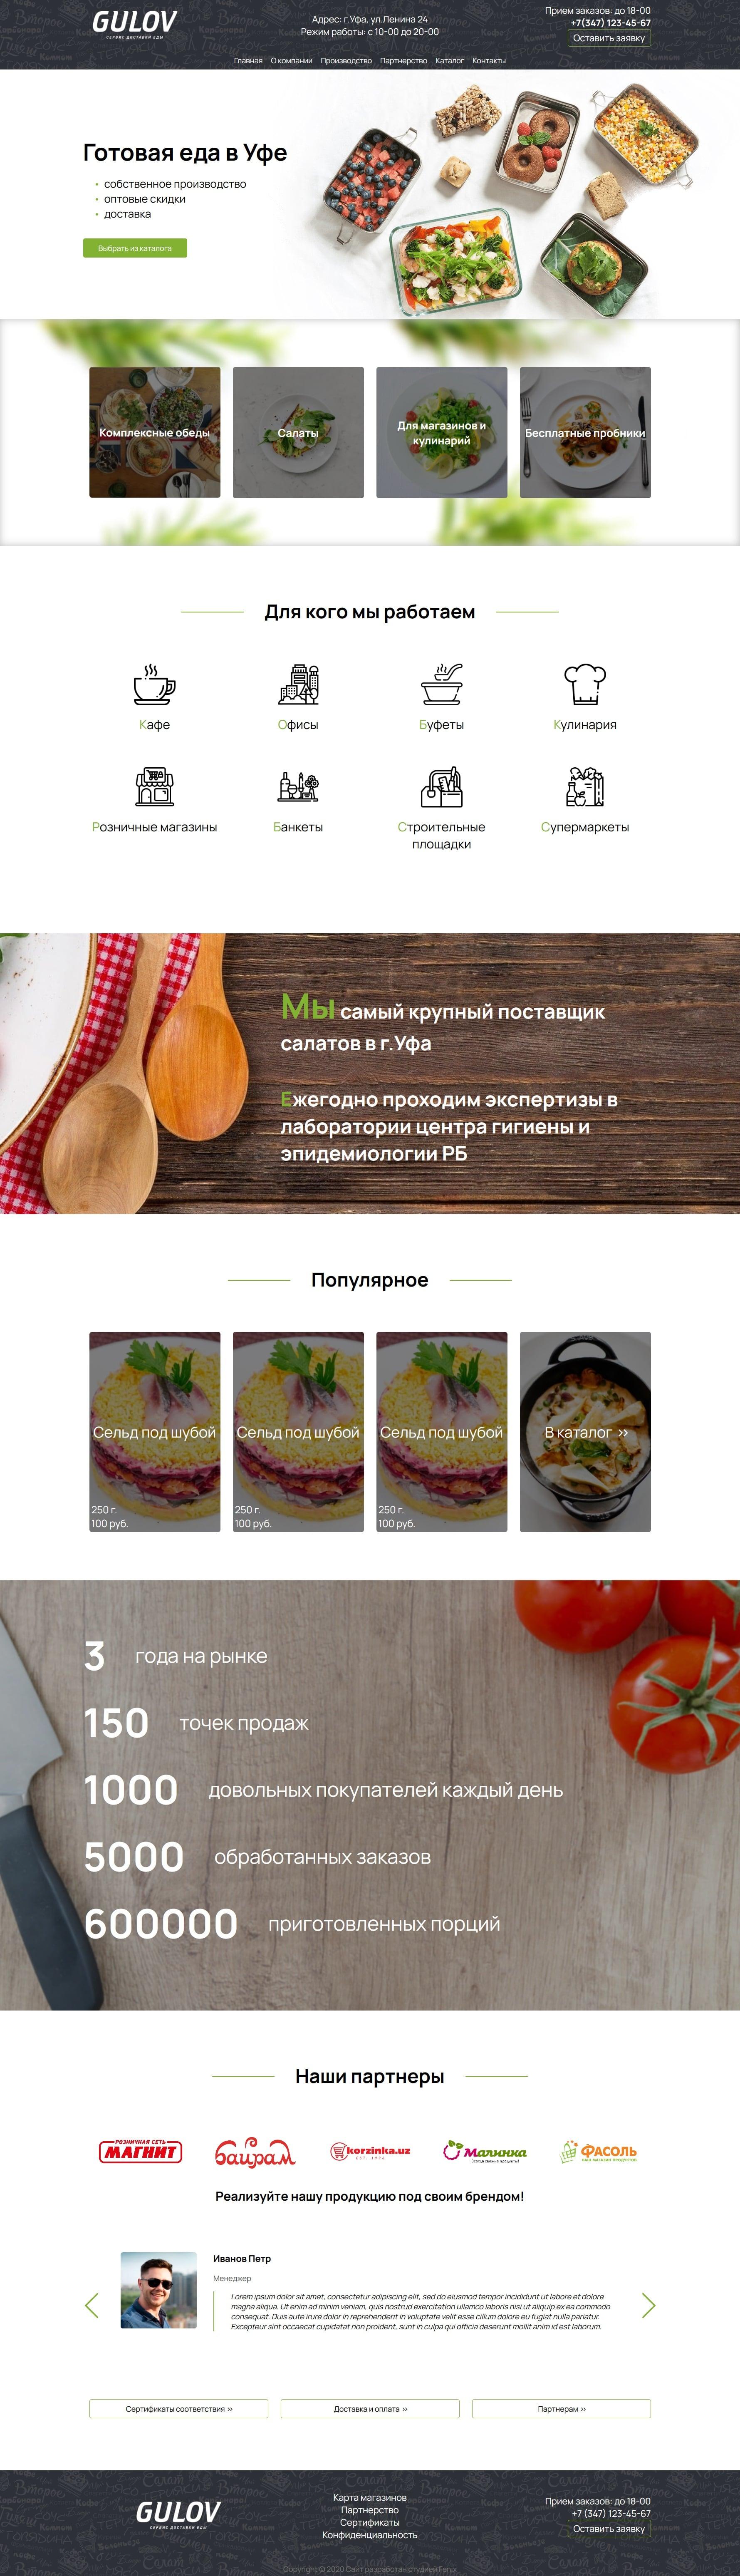 Сайт доставки готовой еды